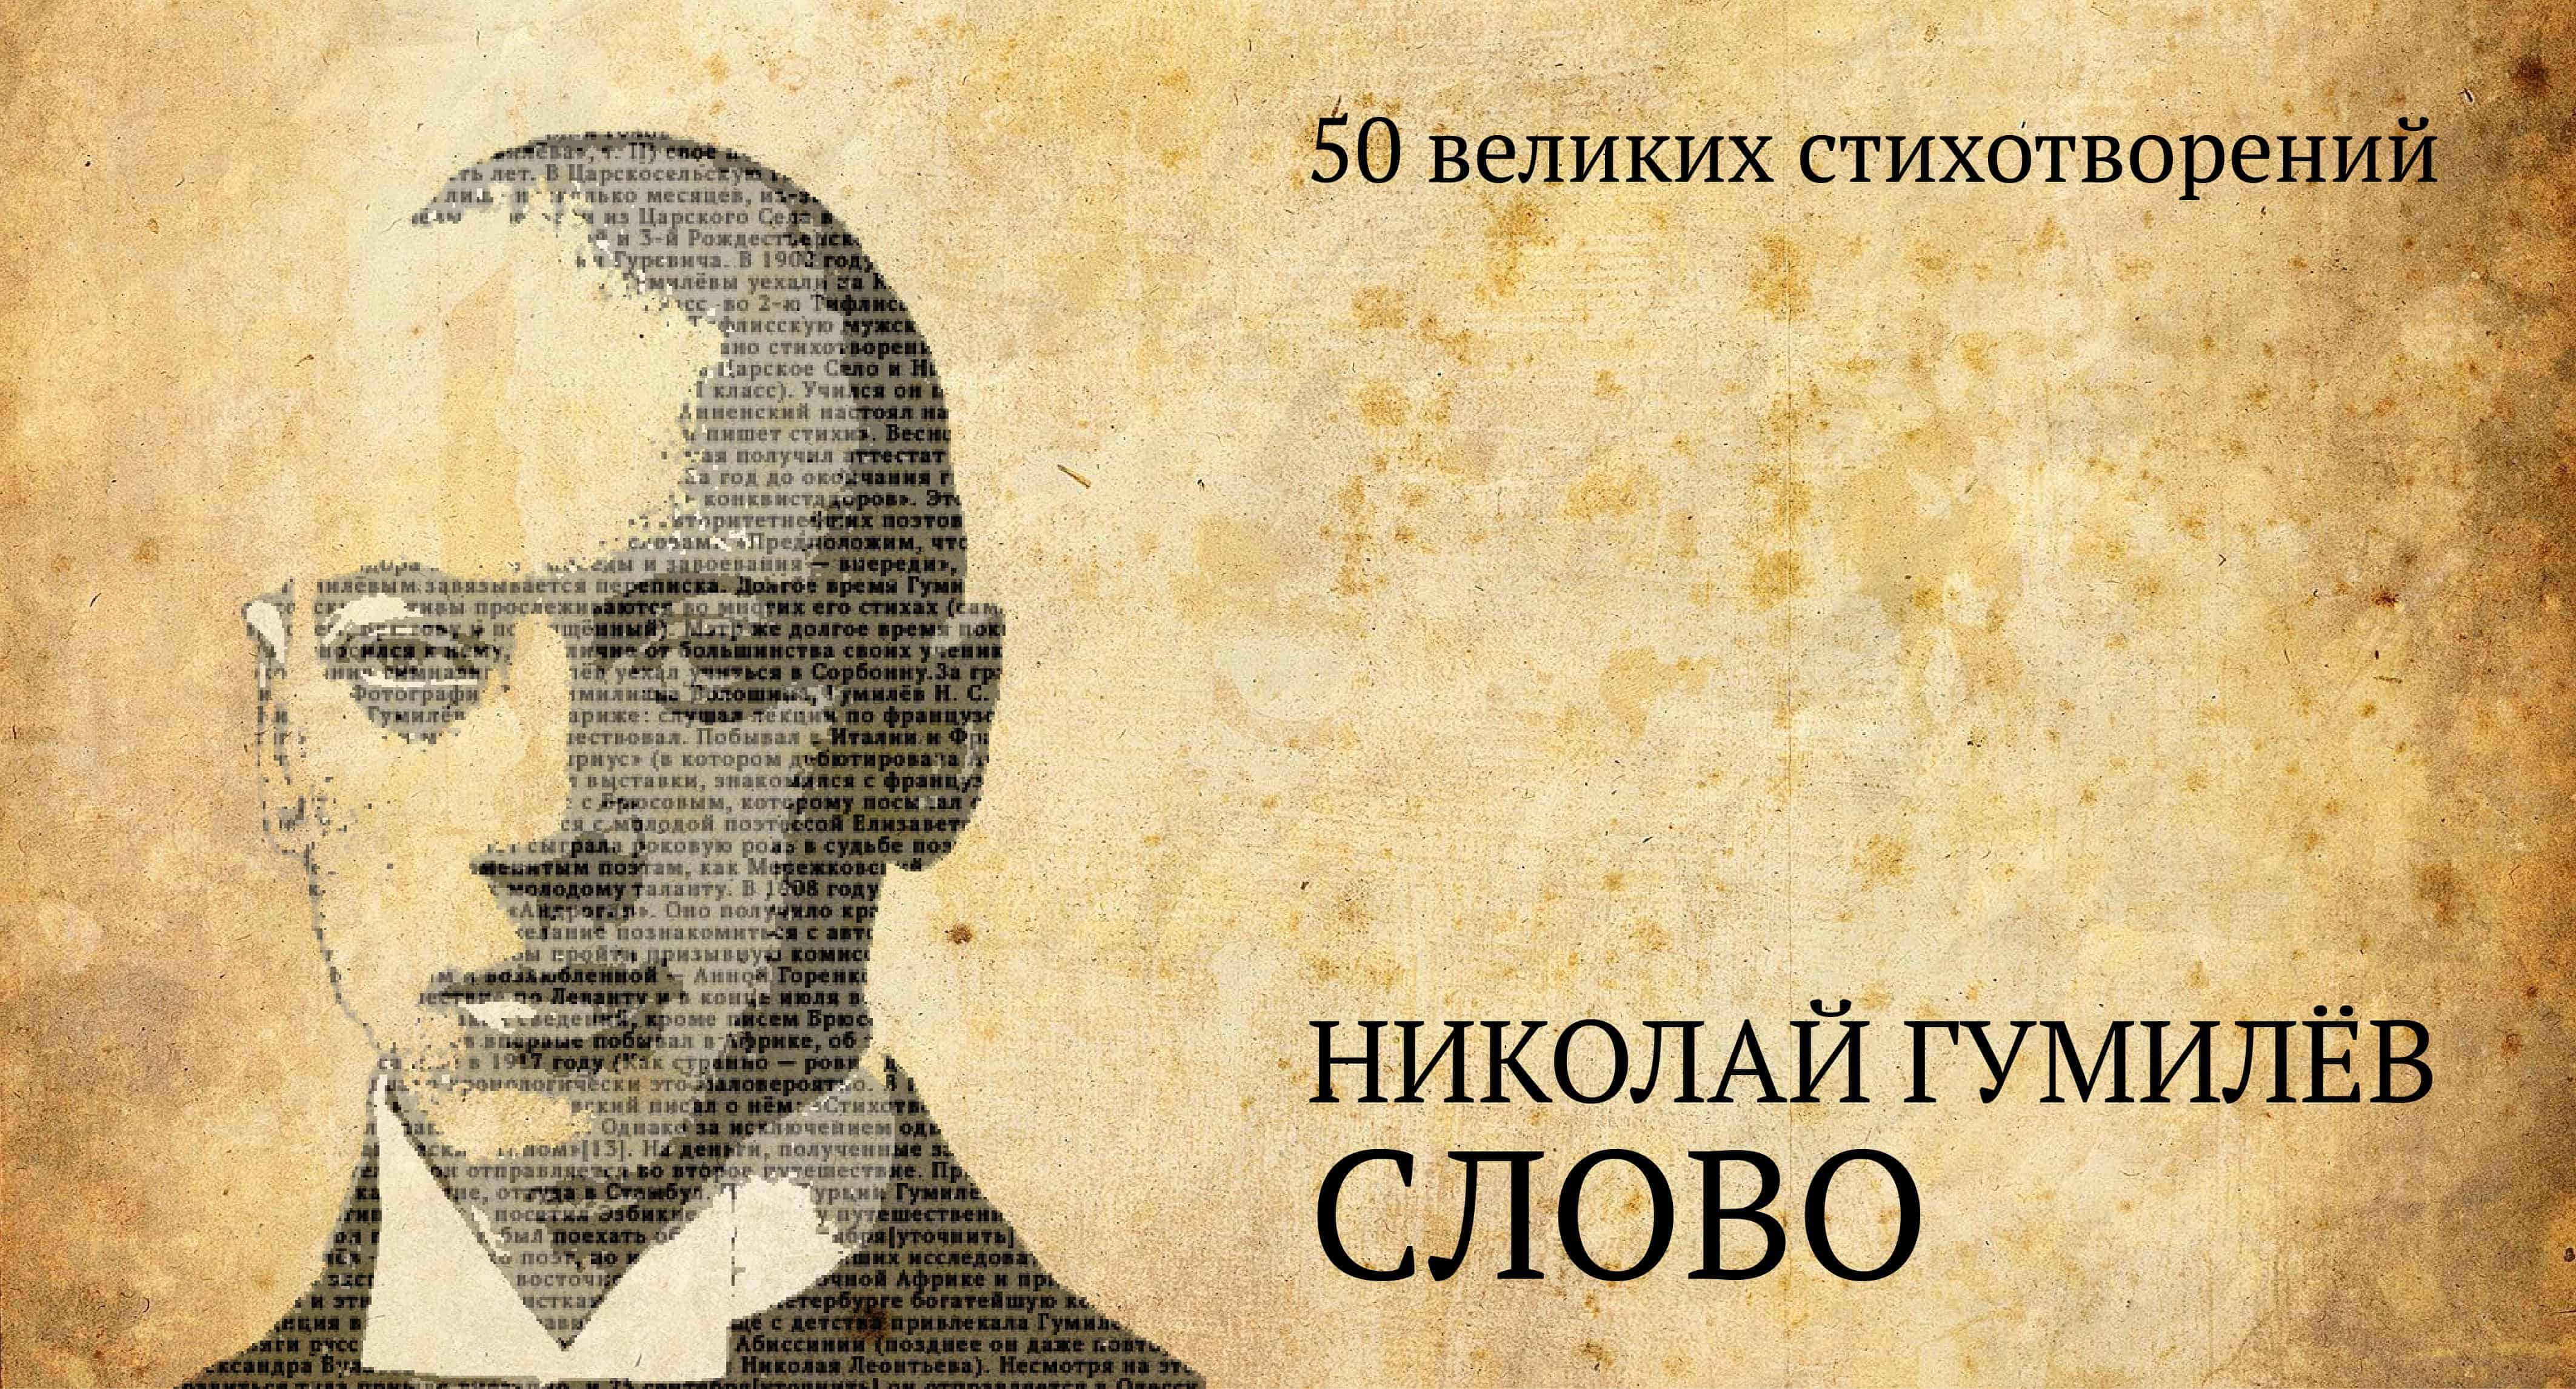 50 великих стихотворений. Николай Гумилёв. Слово